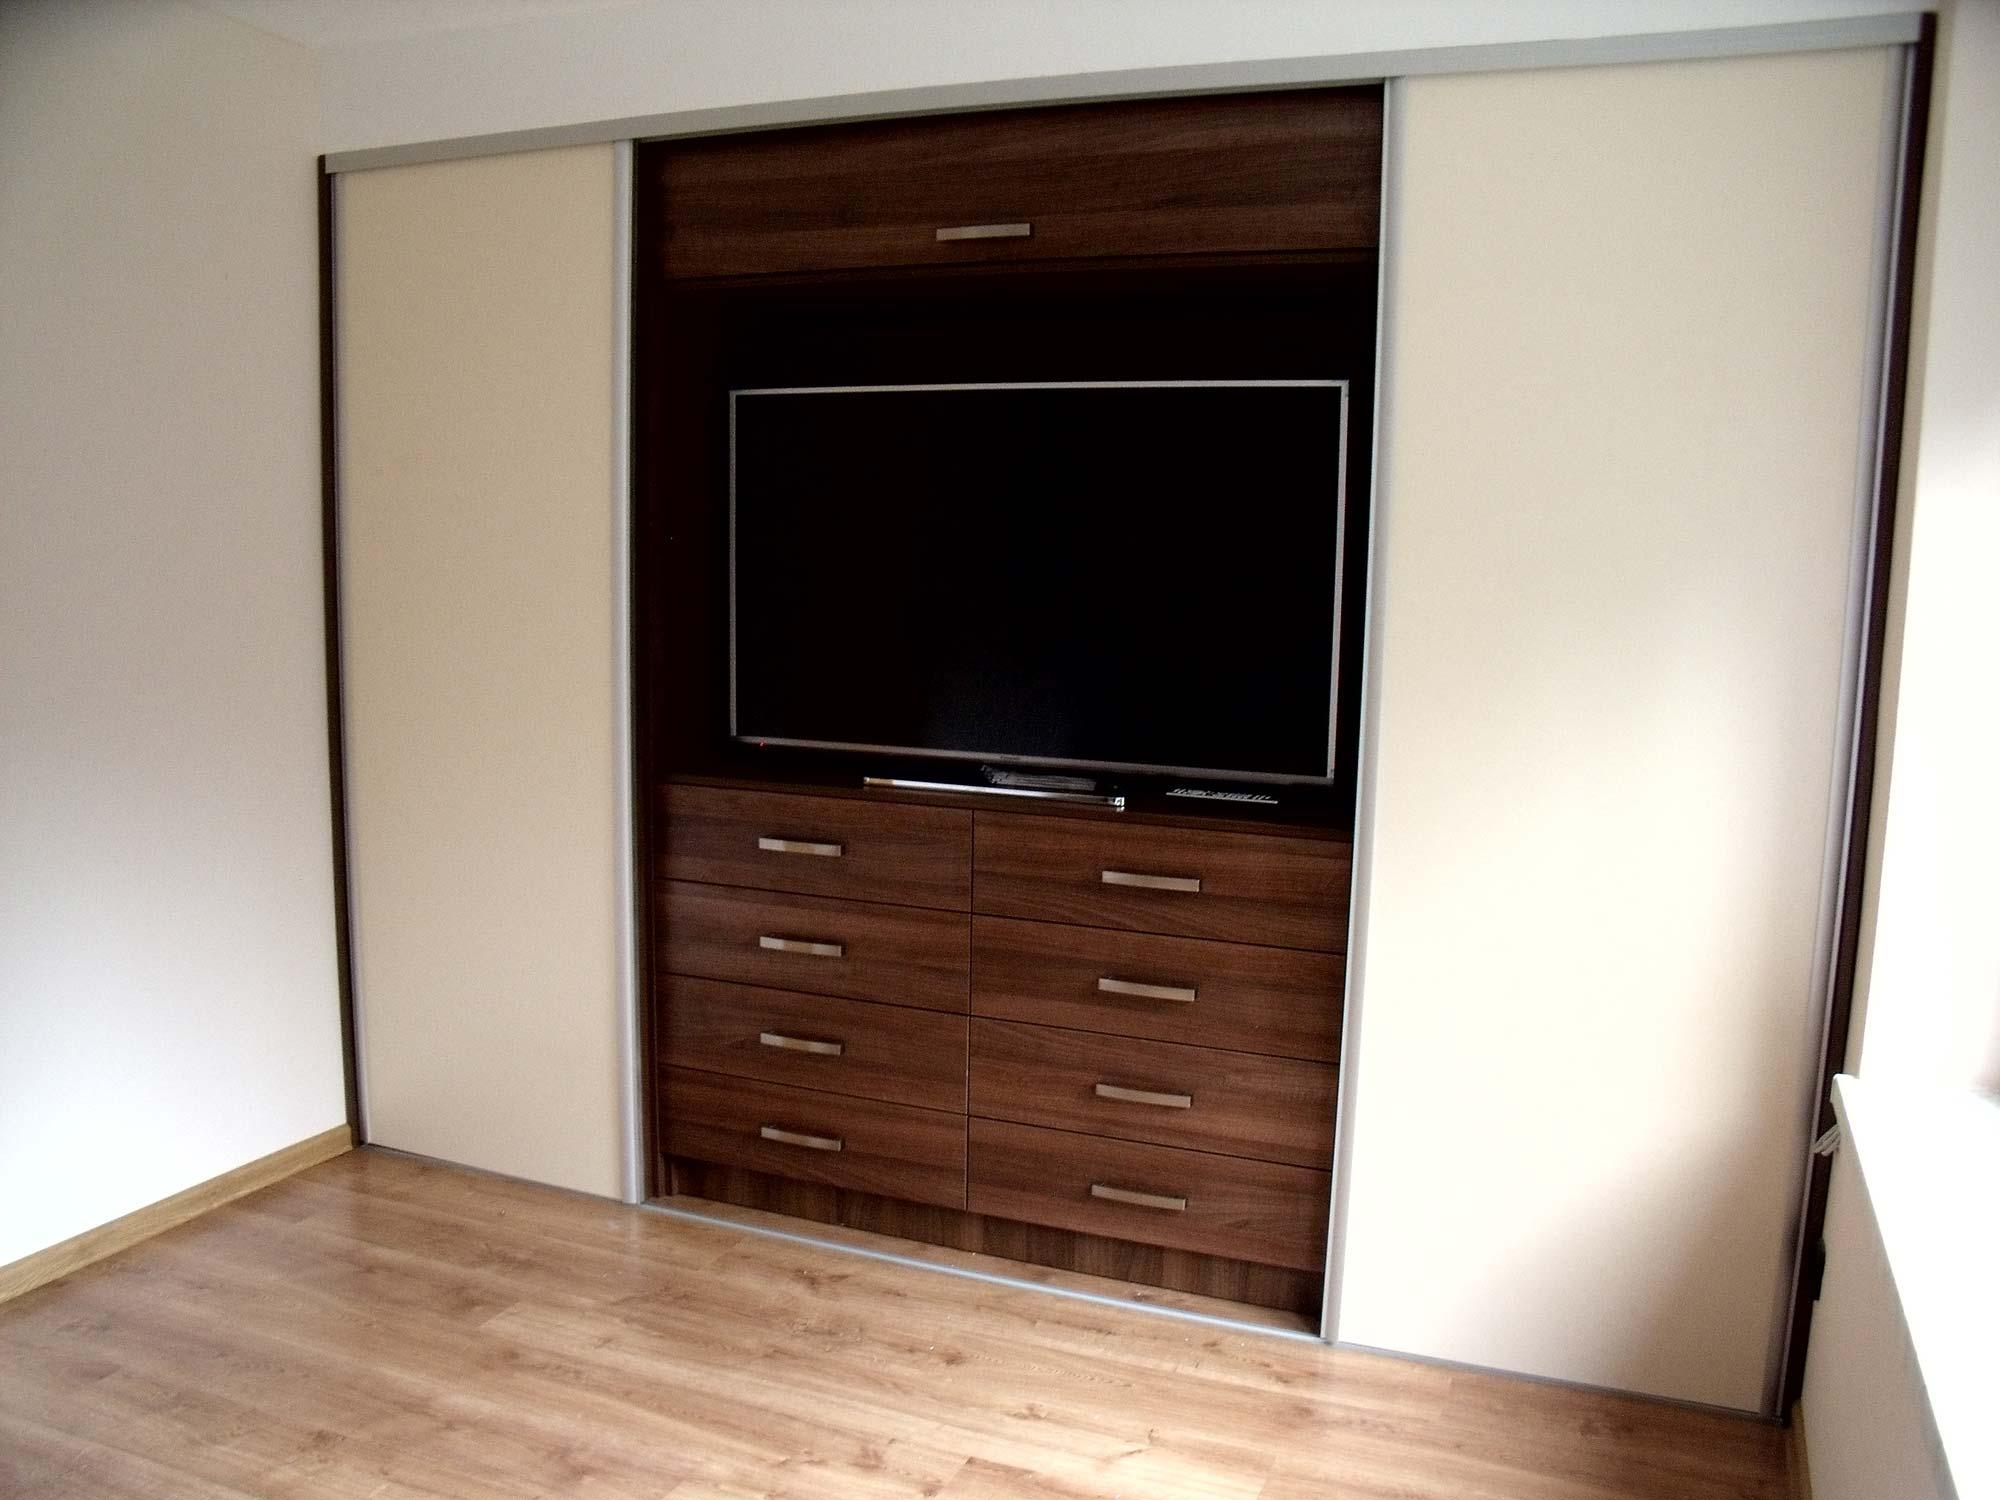 Podkrovná spálňa so šatníkom